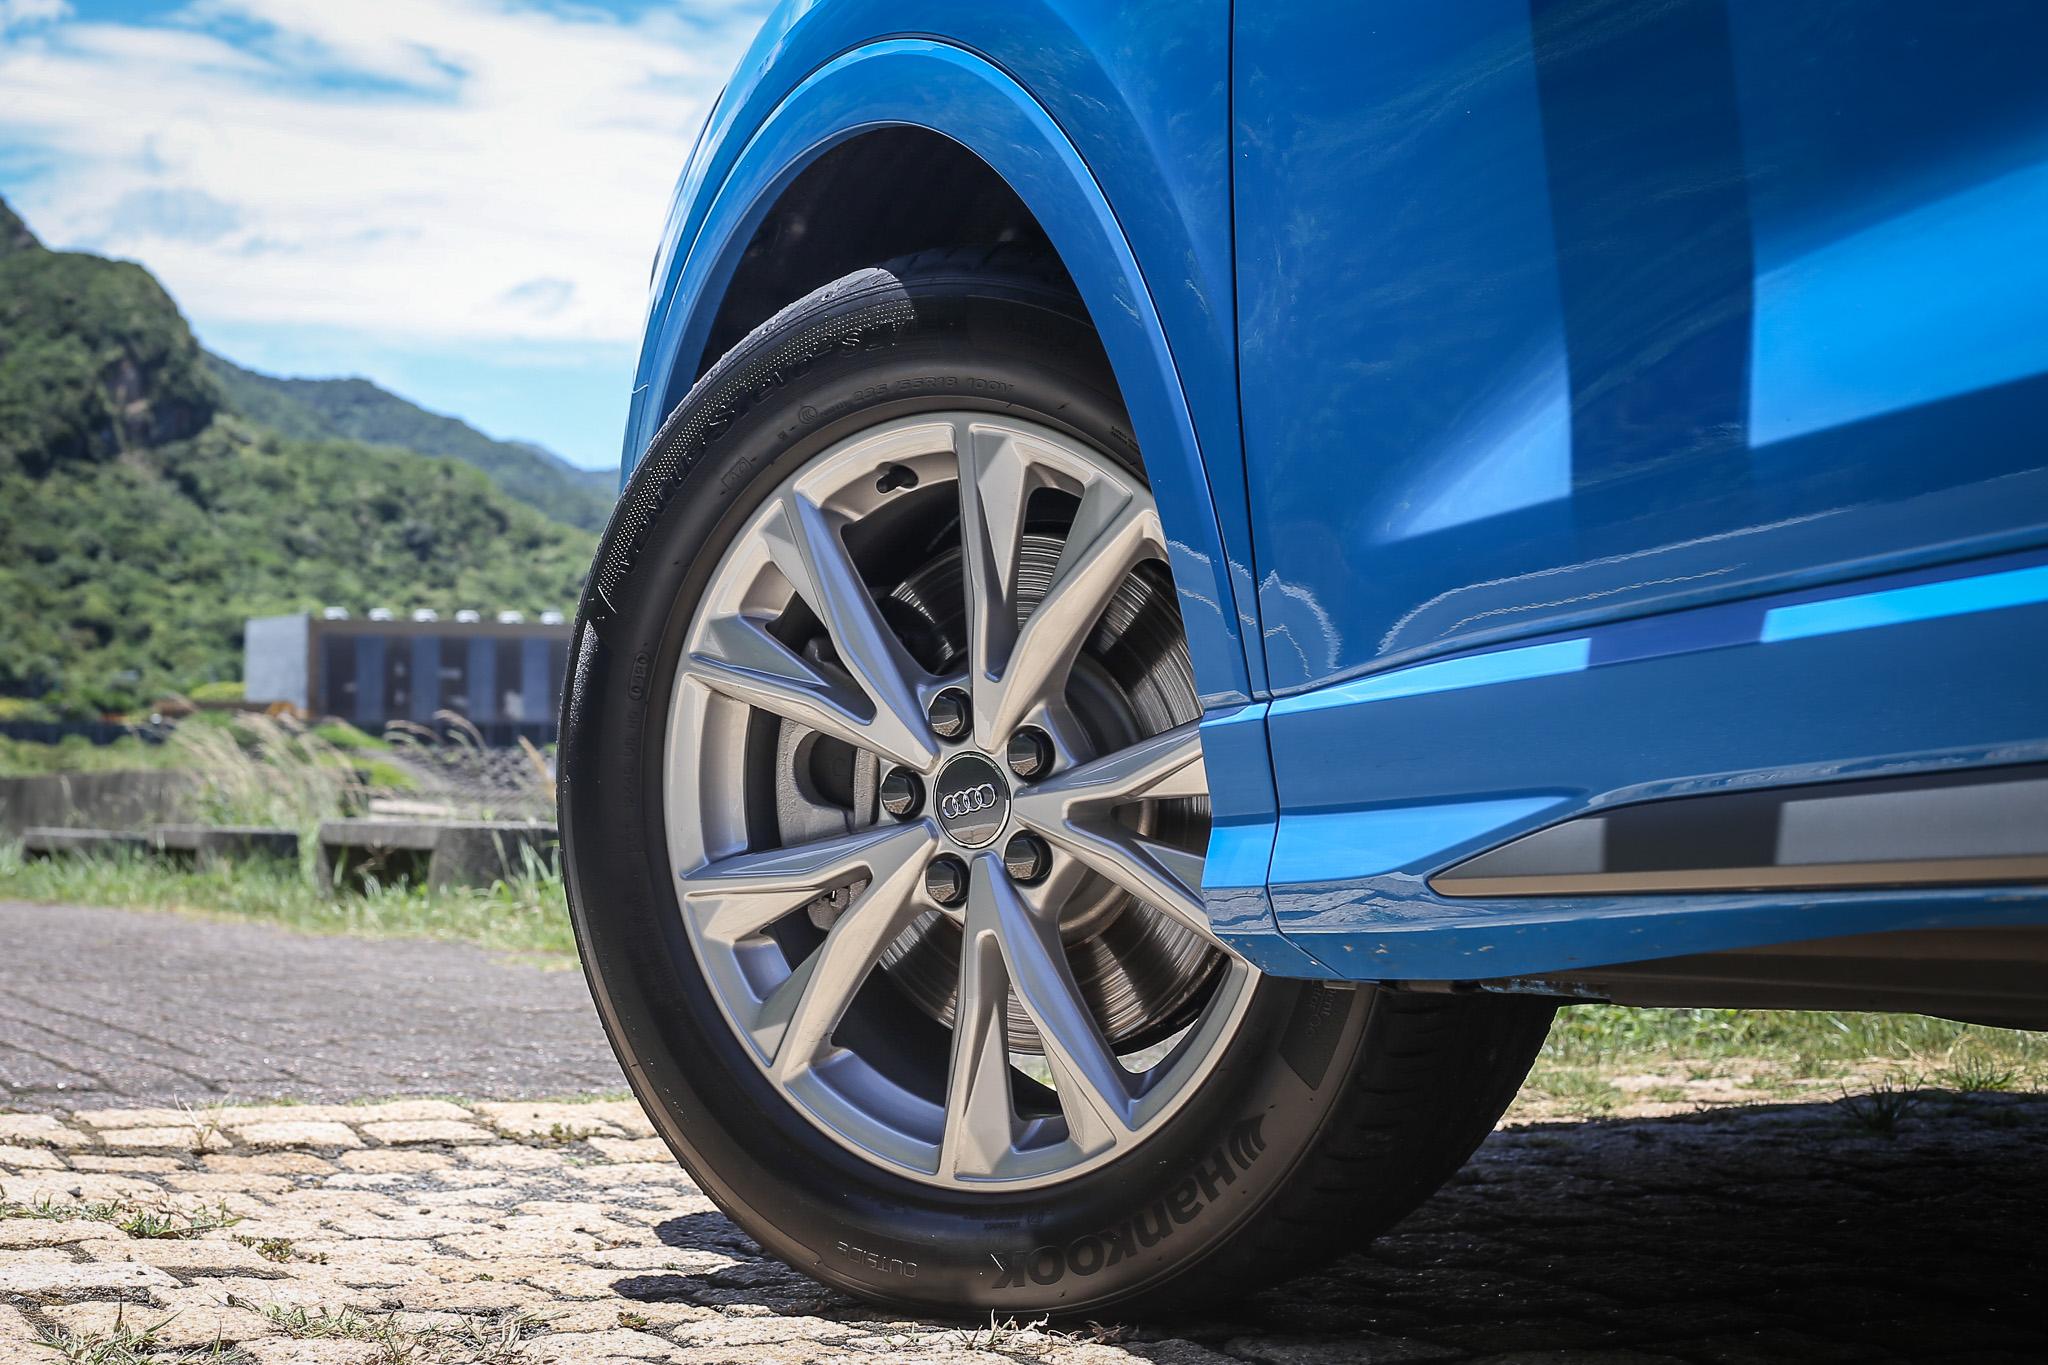 與 Q3 35 TFSI advanced一樣都是配備 18 吋胎圈規格。